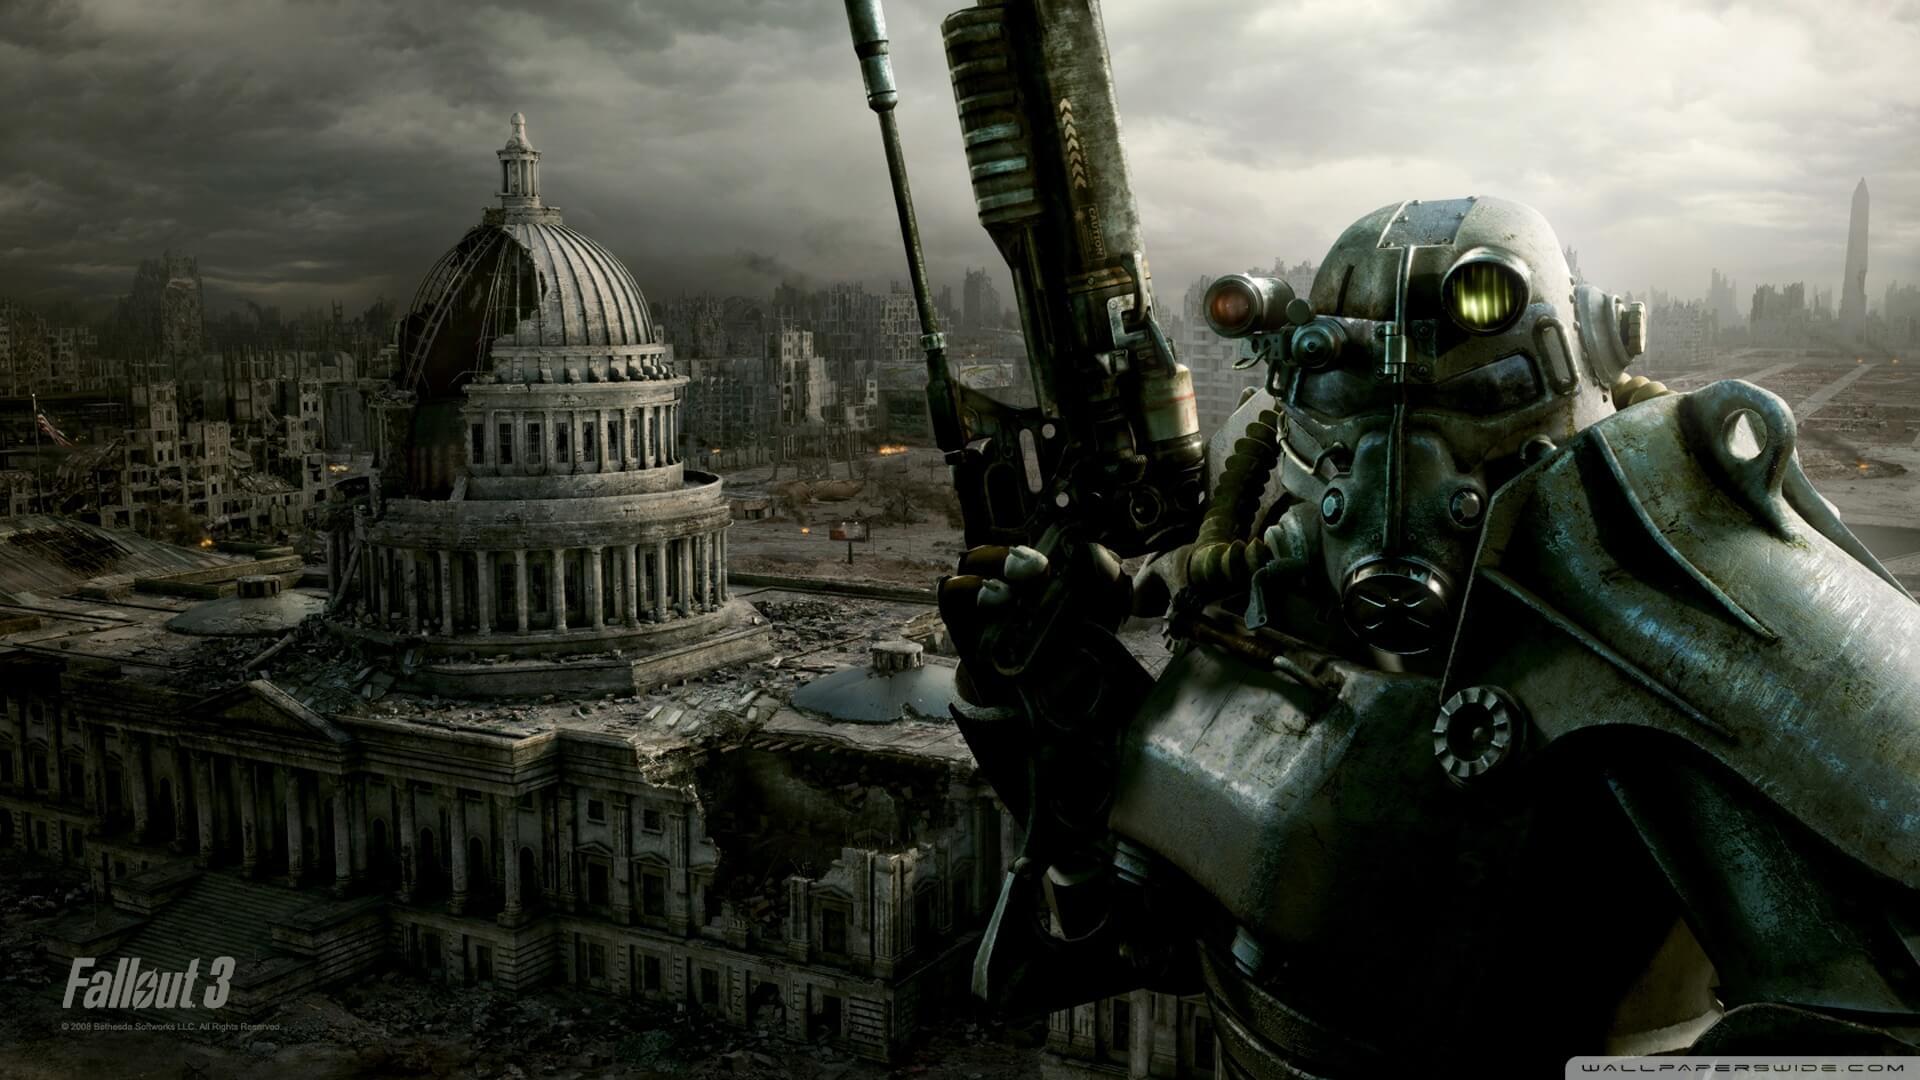 Falloutという『3』→『ニューベガス』→『4』→『76』と順番に劣化していくゲームwww